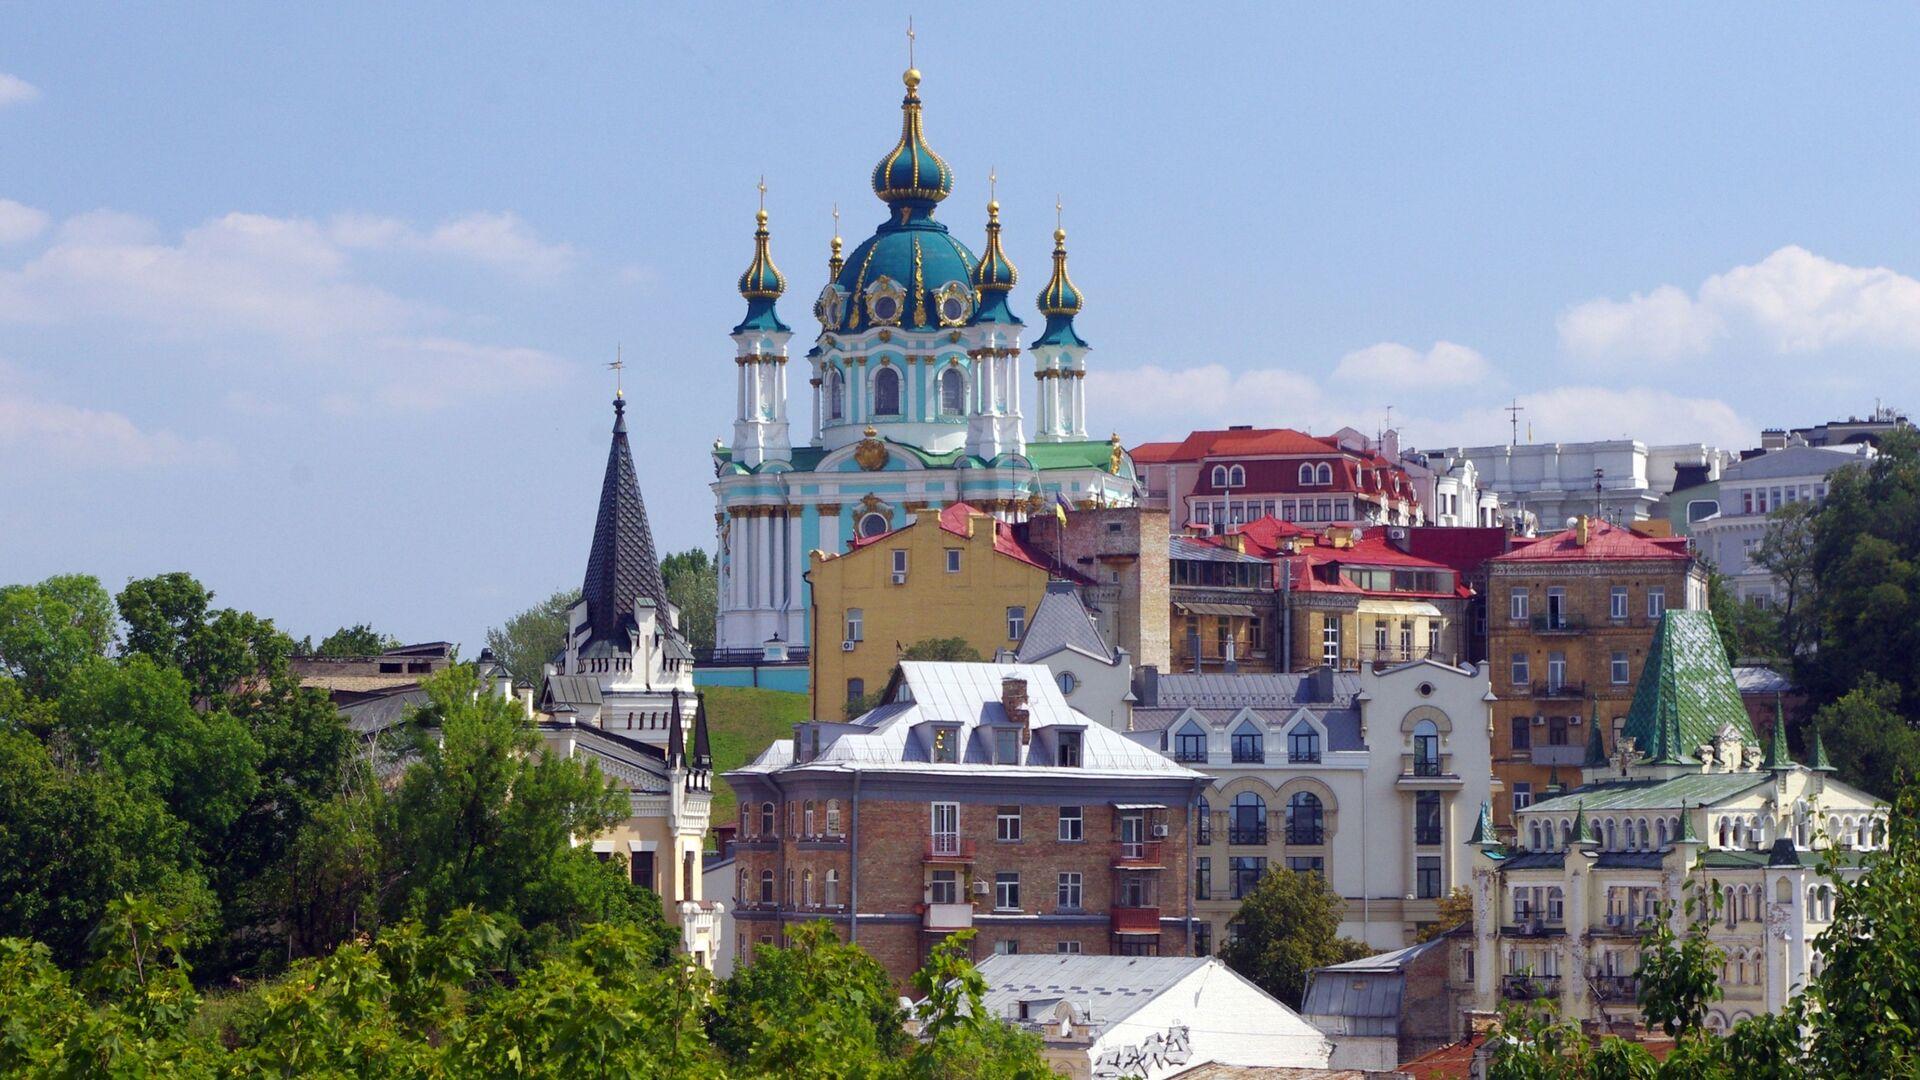 Вид на город Киев - Андреевская церковь и начало Андреевского спуска - Sputnik Грузия, 1920, 01.10.2021